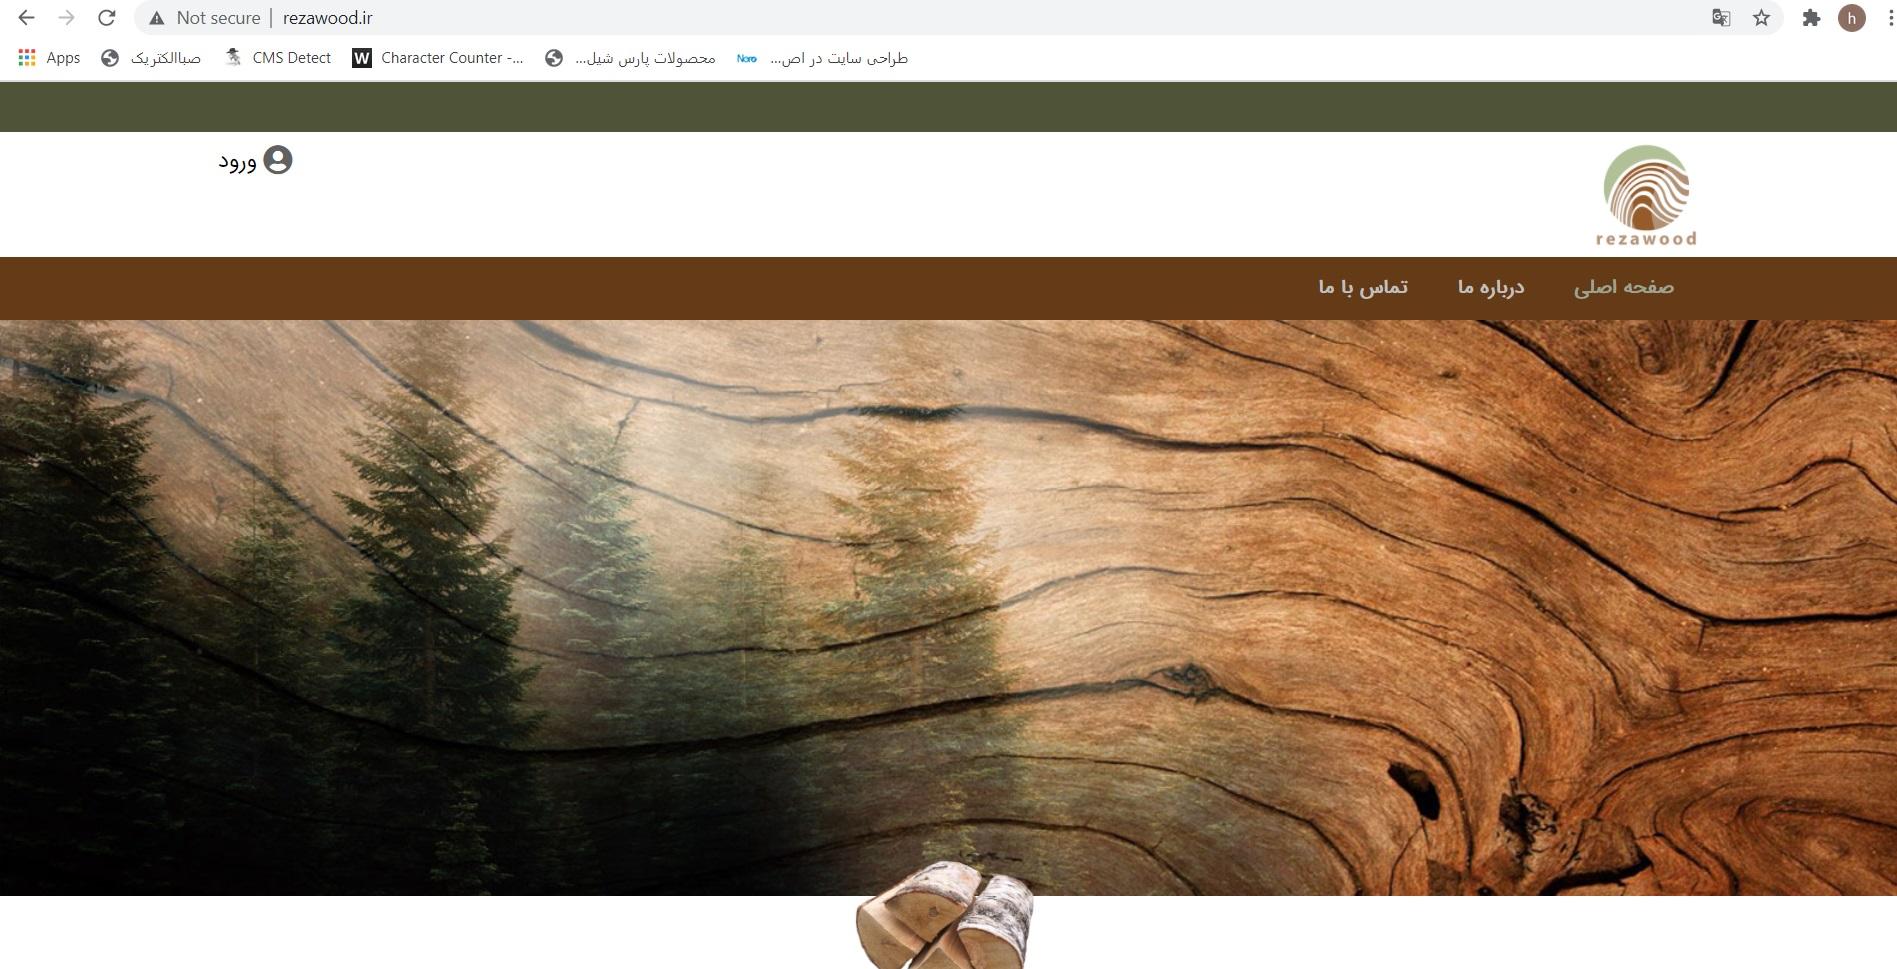 تولید کننده مصنوعات چوبی